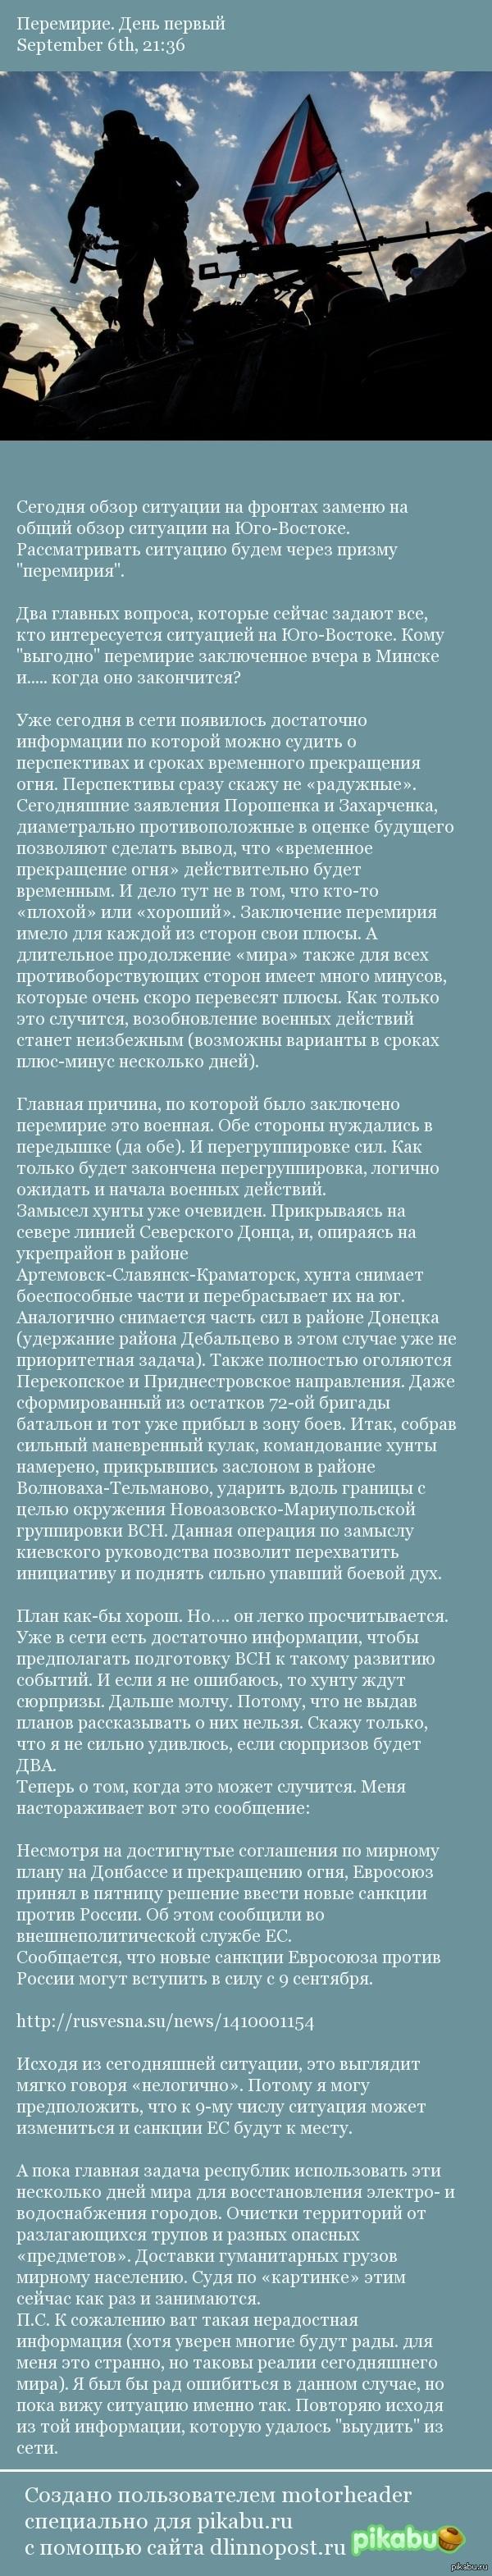 Перемирие. День первый. Замысел хунты уже очевиден. Прикрываясь на севере линией Северского Донца, и, опираясь на укрепрайон в районе Артемовск-Славянск-Краматорск, хунта снимает боеспособные части и перебрасывает их на юг.